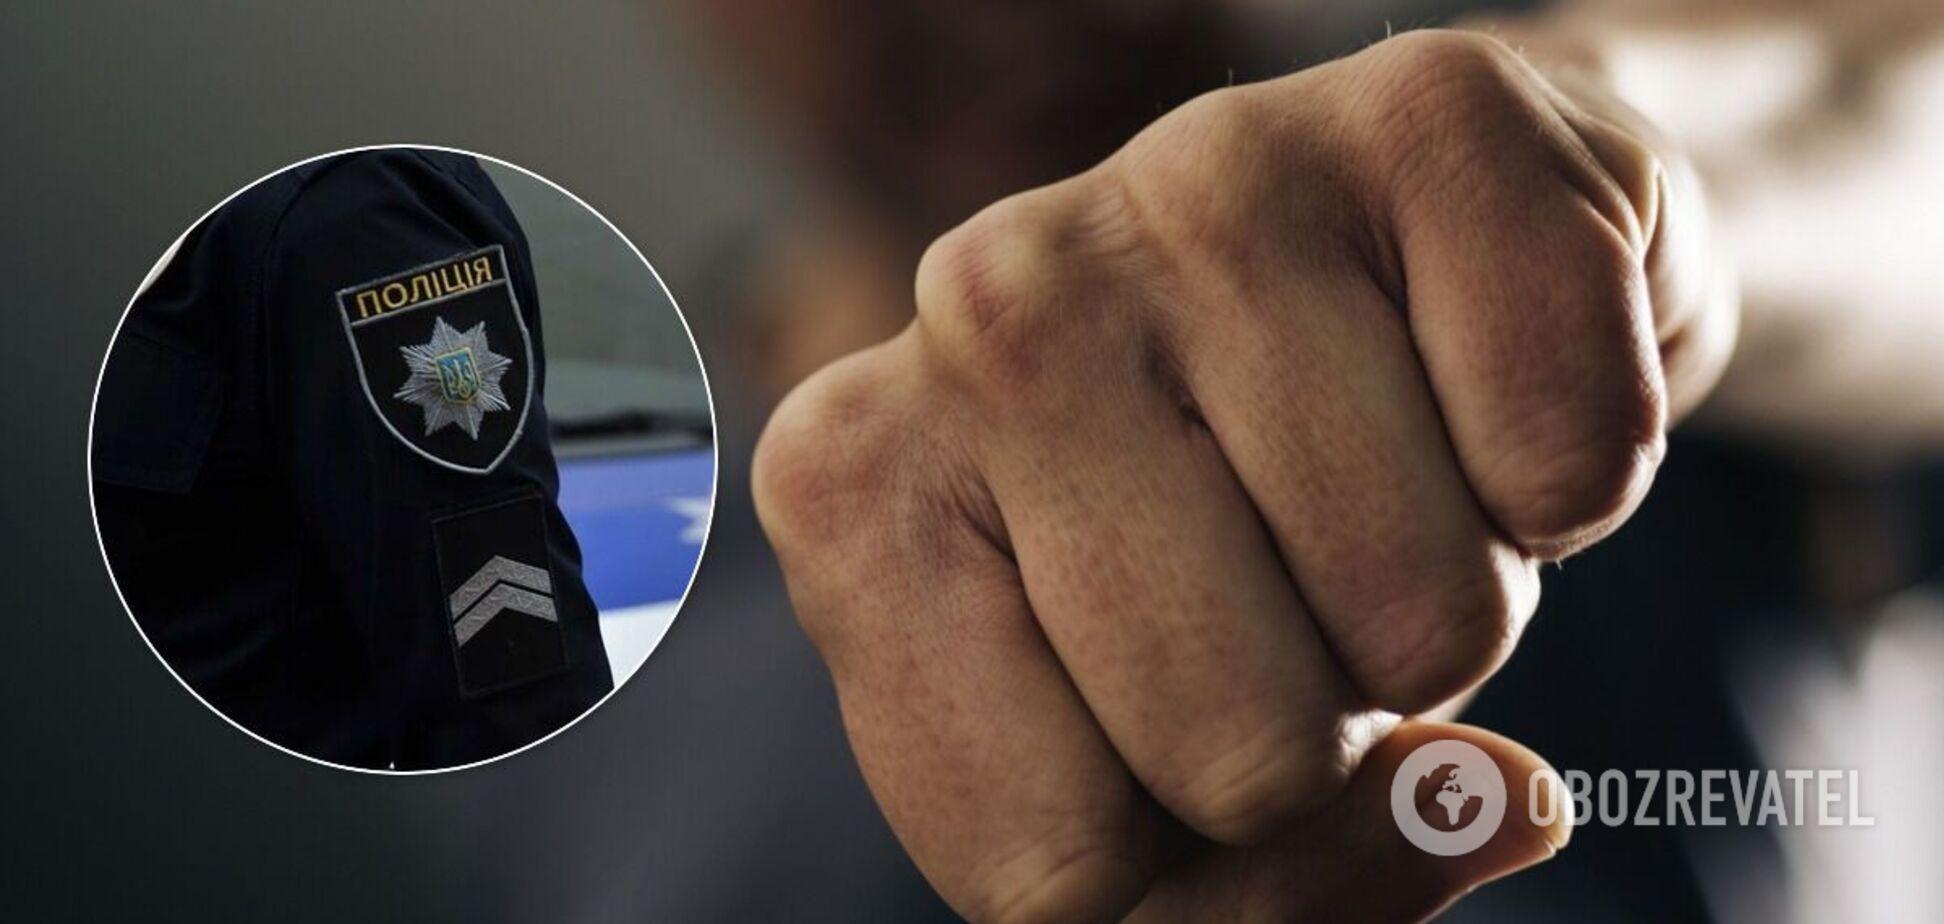 38-річного мешканця Луцька затримали за напад на поліцейського